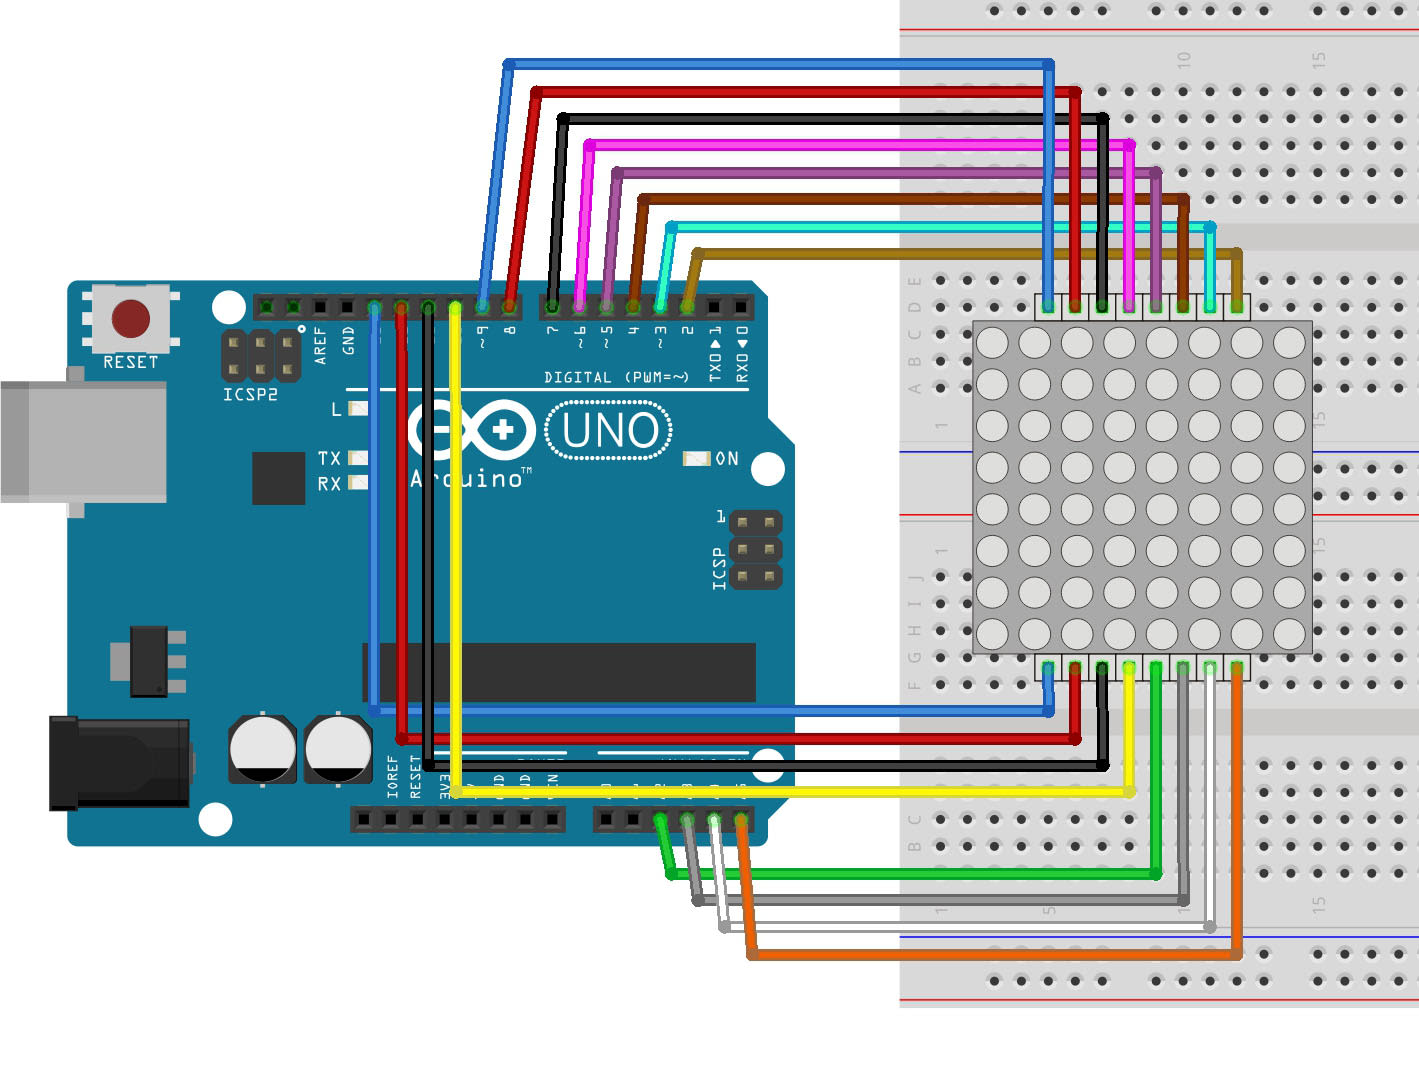 用ArduinoUNO控制8×8点阵LED显示跳跃的心